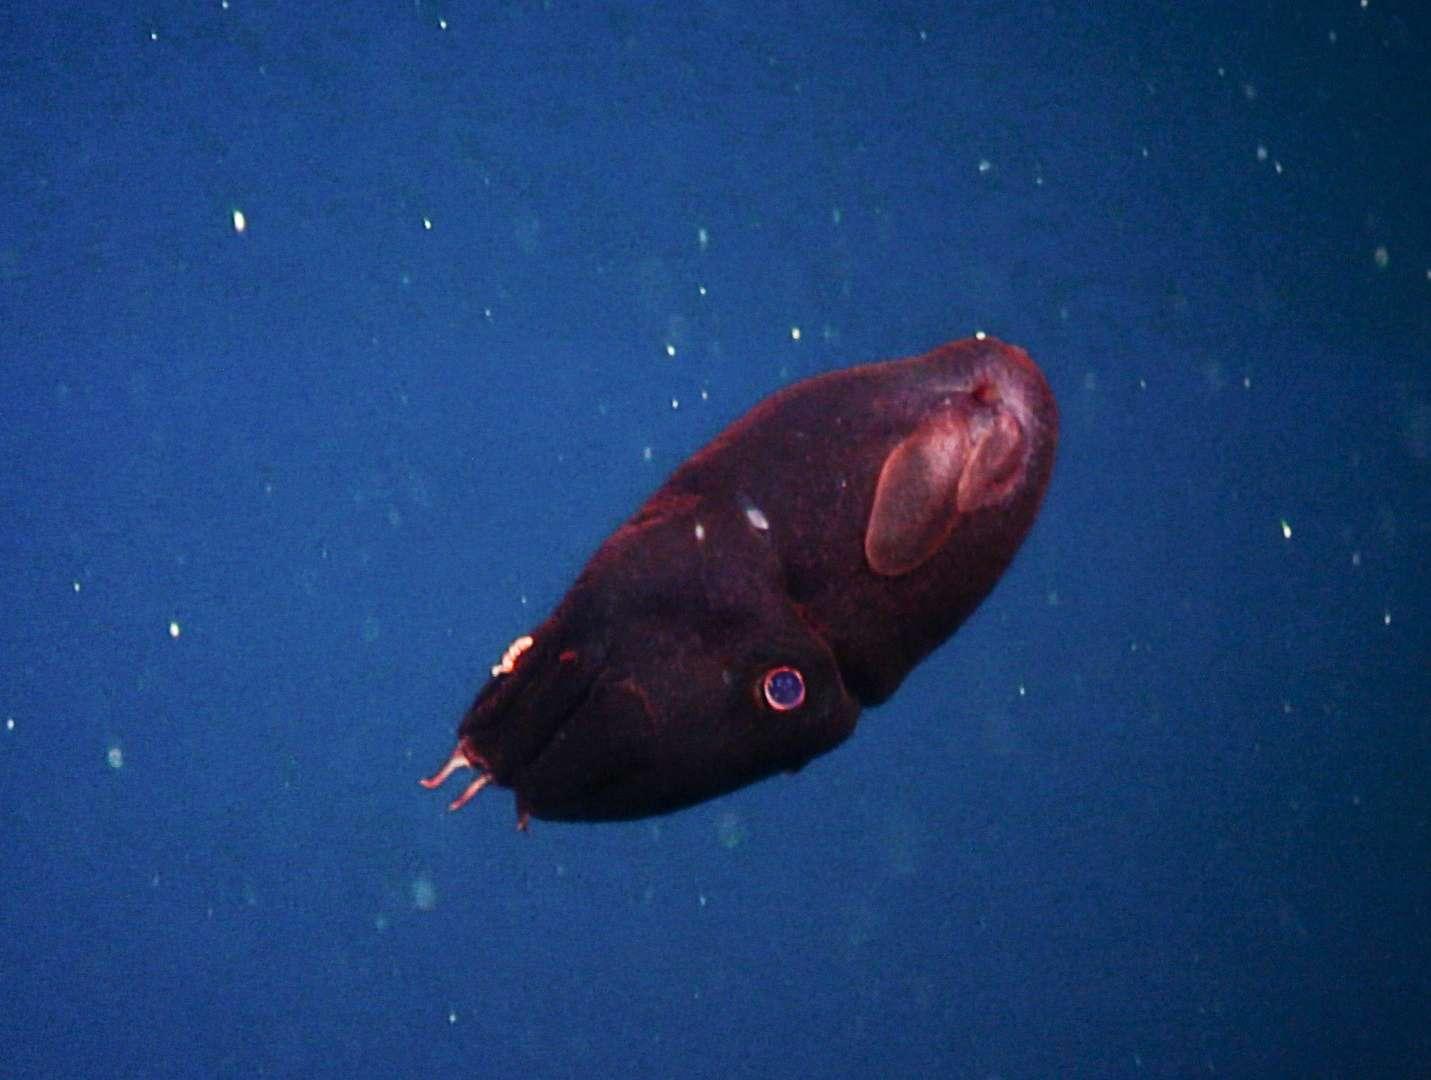 A juvenile vampire squid deep underwater.